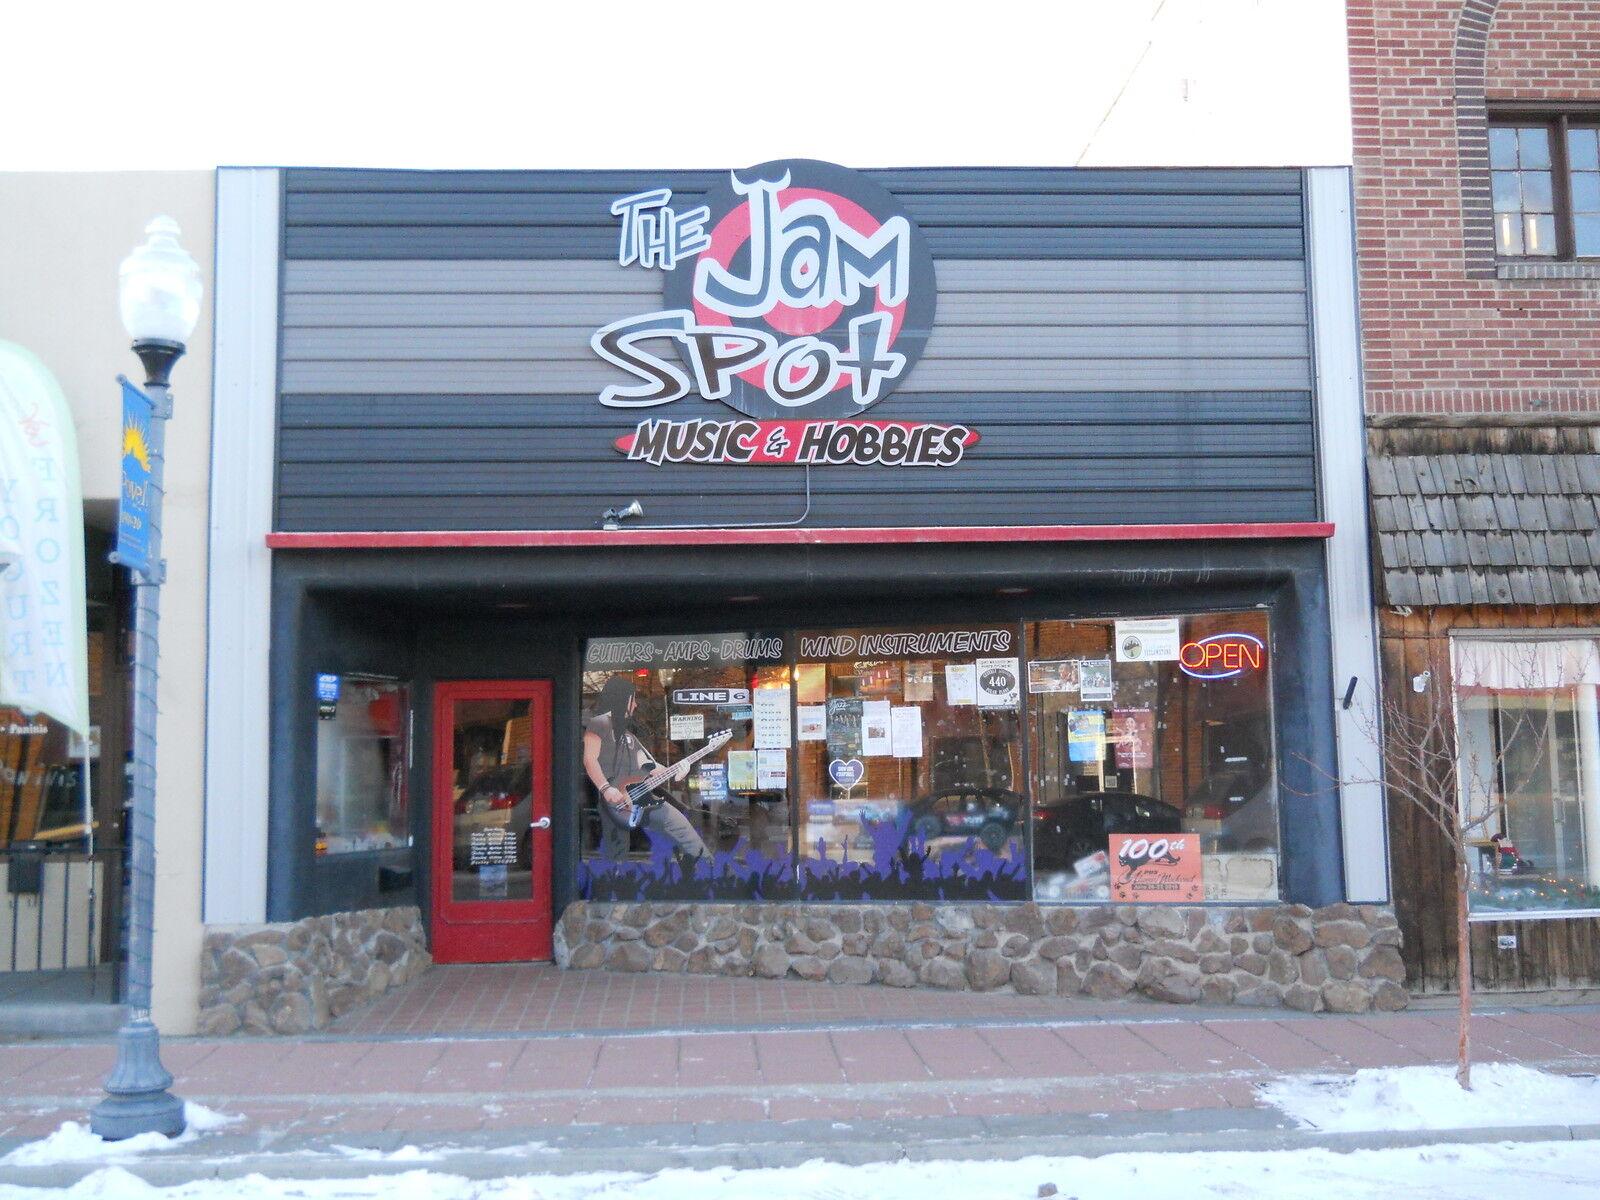 The Jam Spot Music & Hobbies